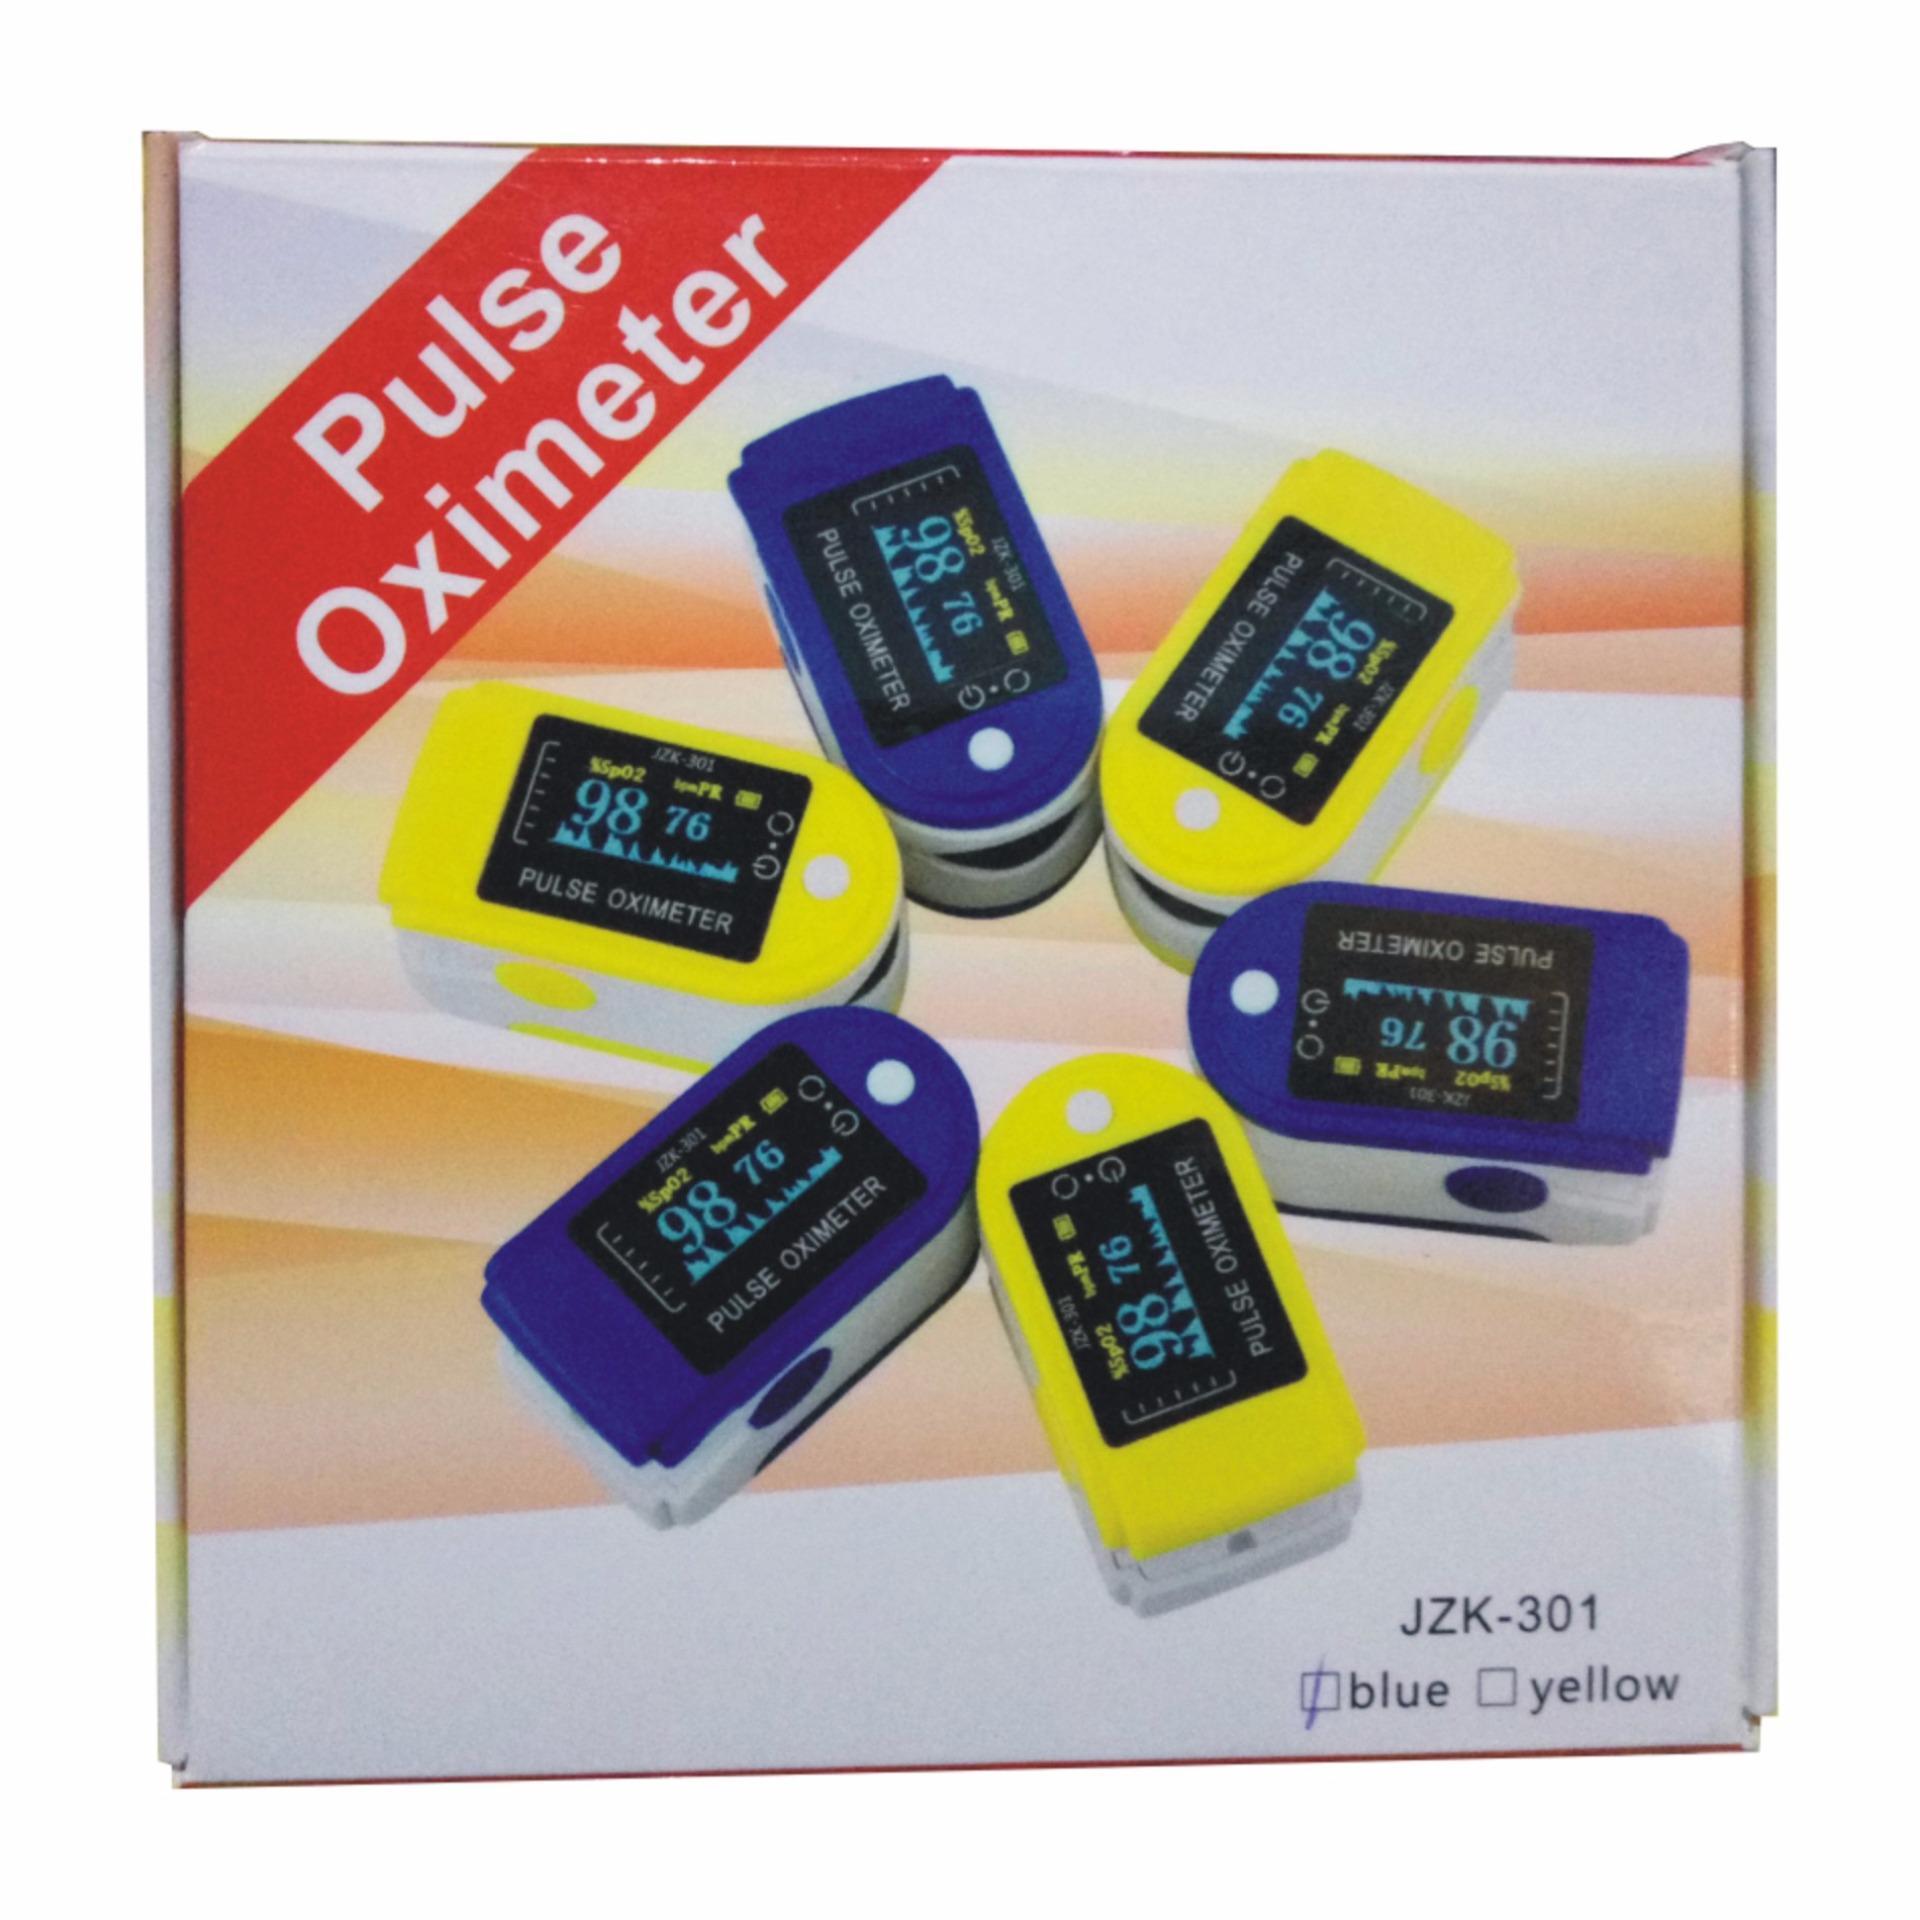 Oximeter Pengukur Detak Jantung Lazada Tensimeter Digital Tensi Meter Alat Ukur Tekanan Darah Tangan Nadi Promo Pulse Jzk 301 Blue Kualitas Bagus